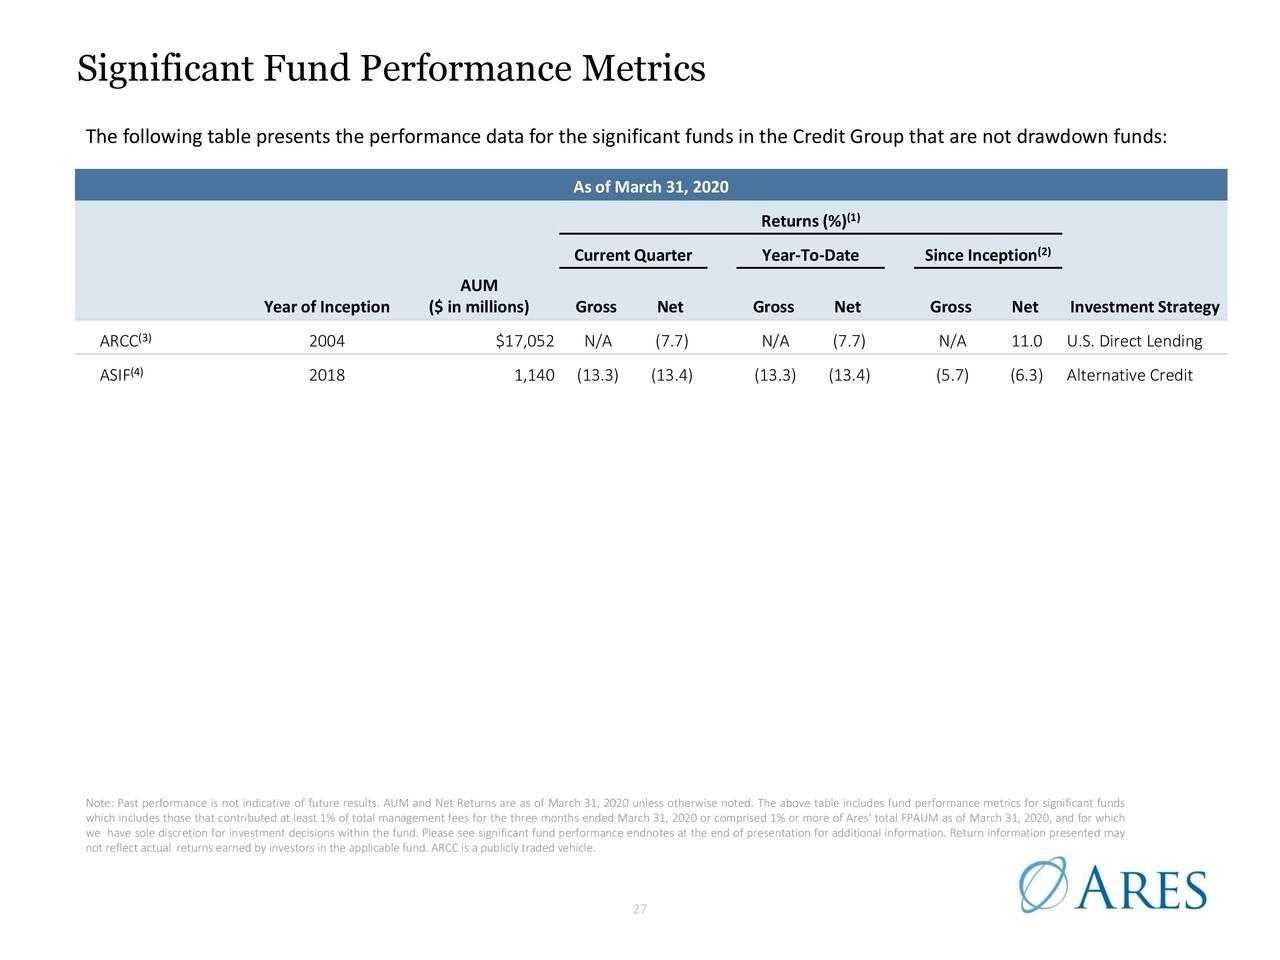 Métricas significativas de rendimiento del fondo